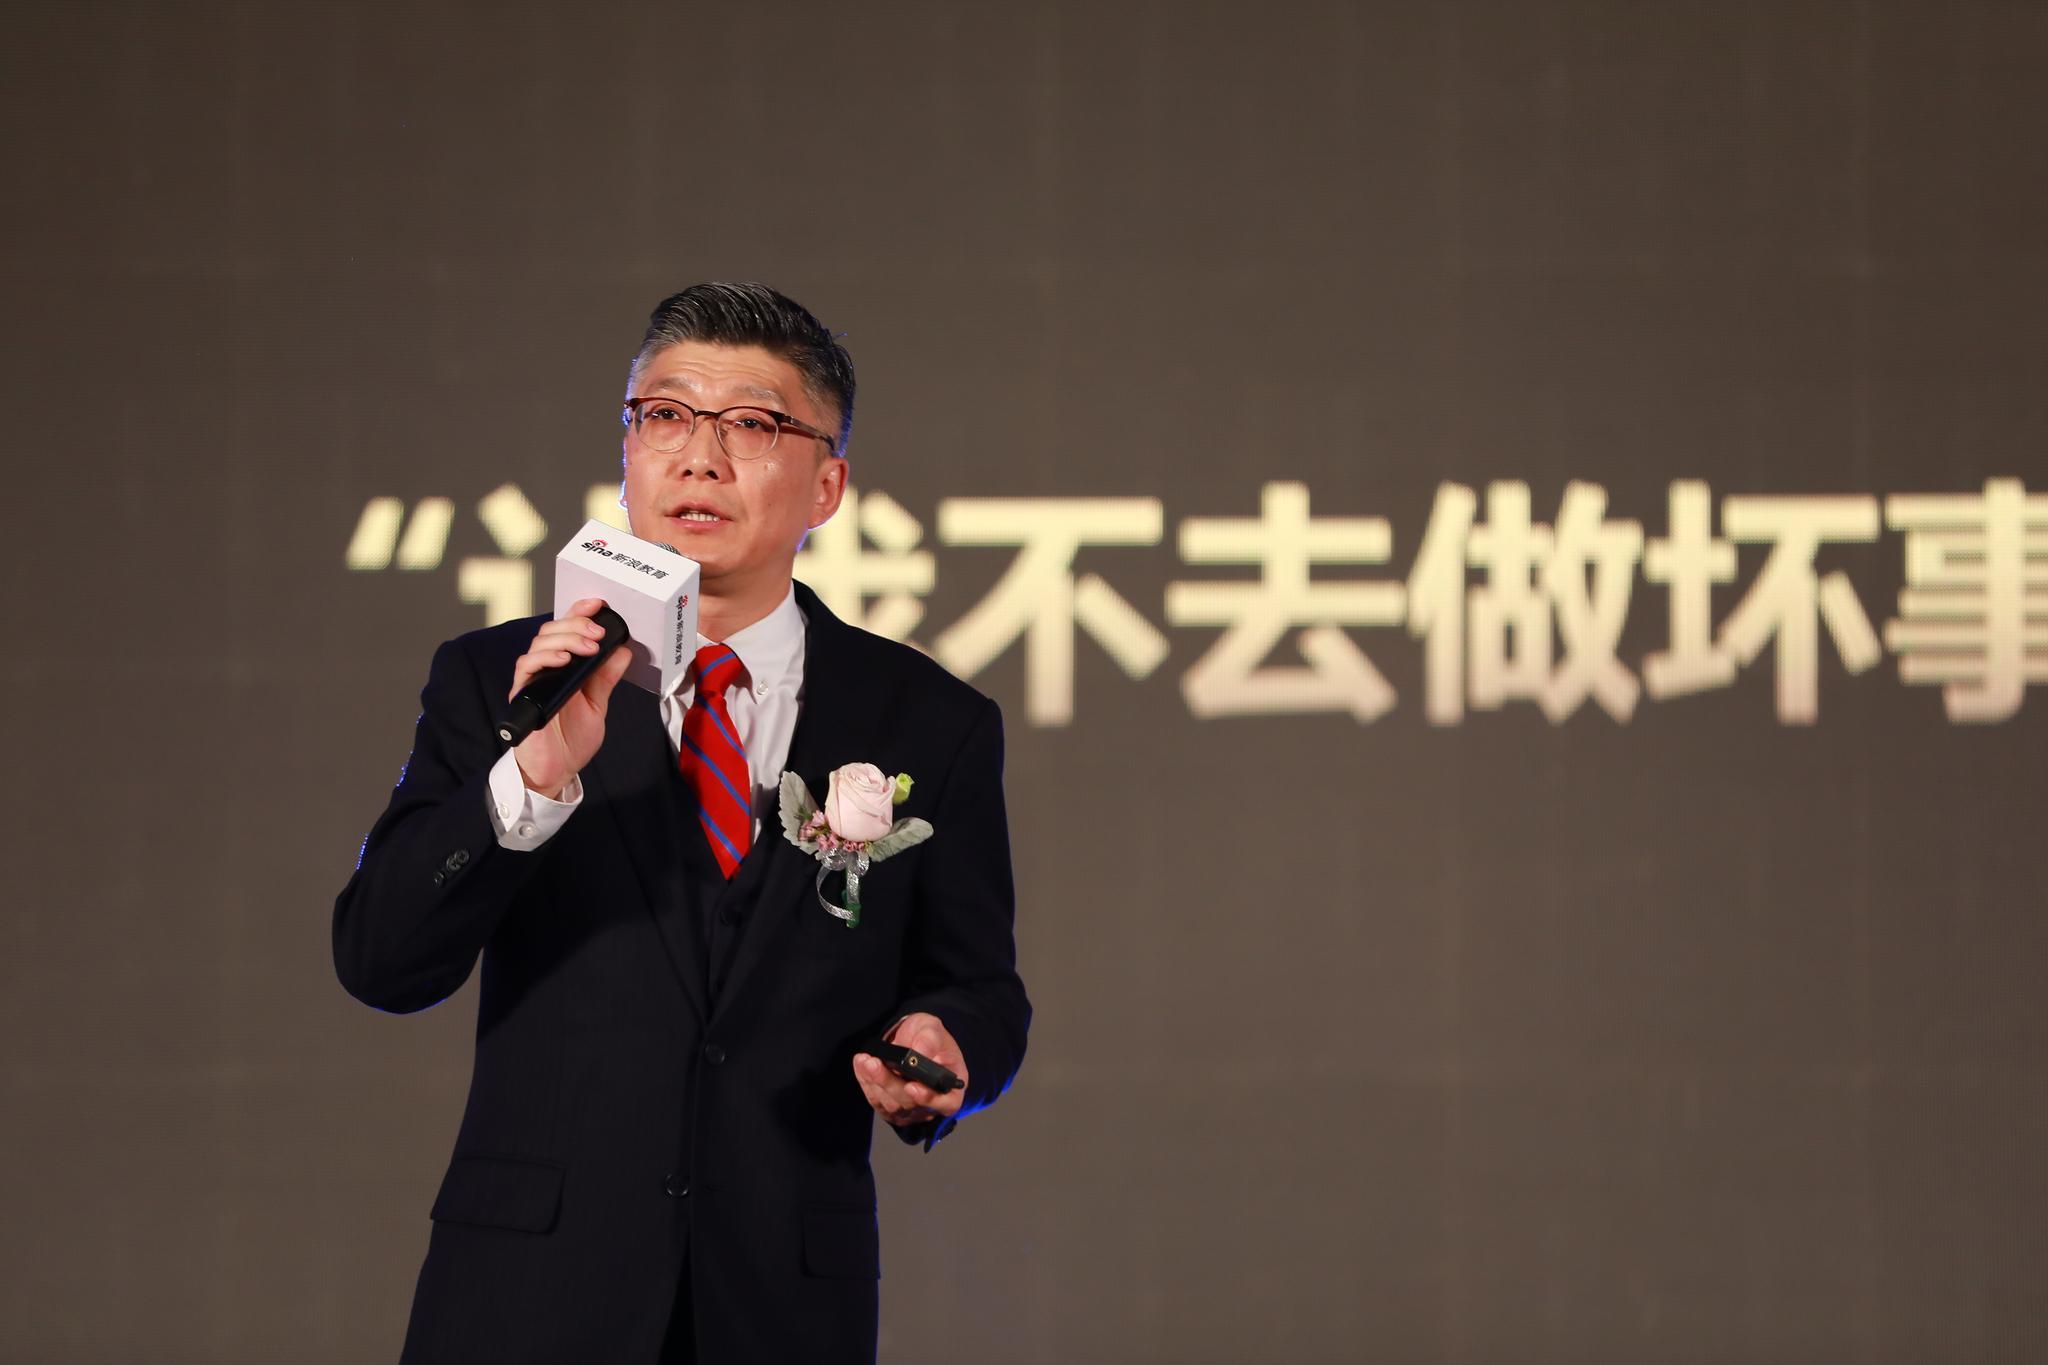 北京大学考试研究院院长秦春华出席盛典并发表主题演讲